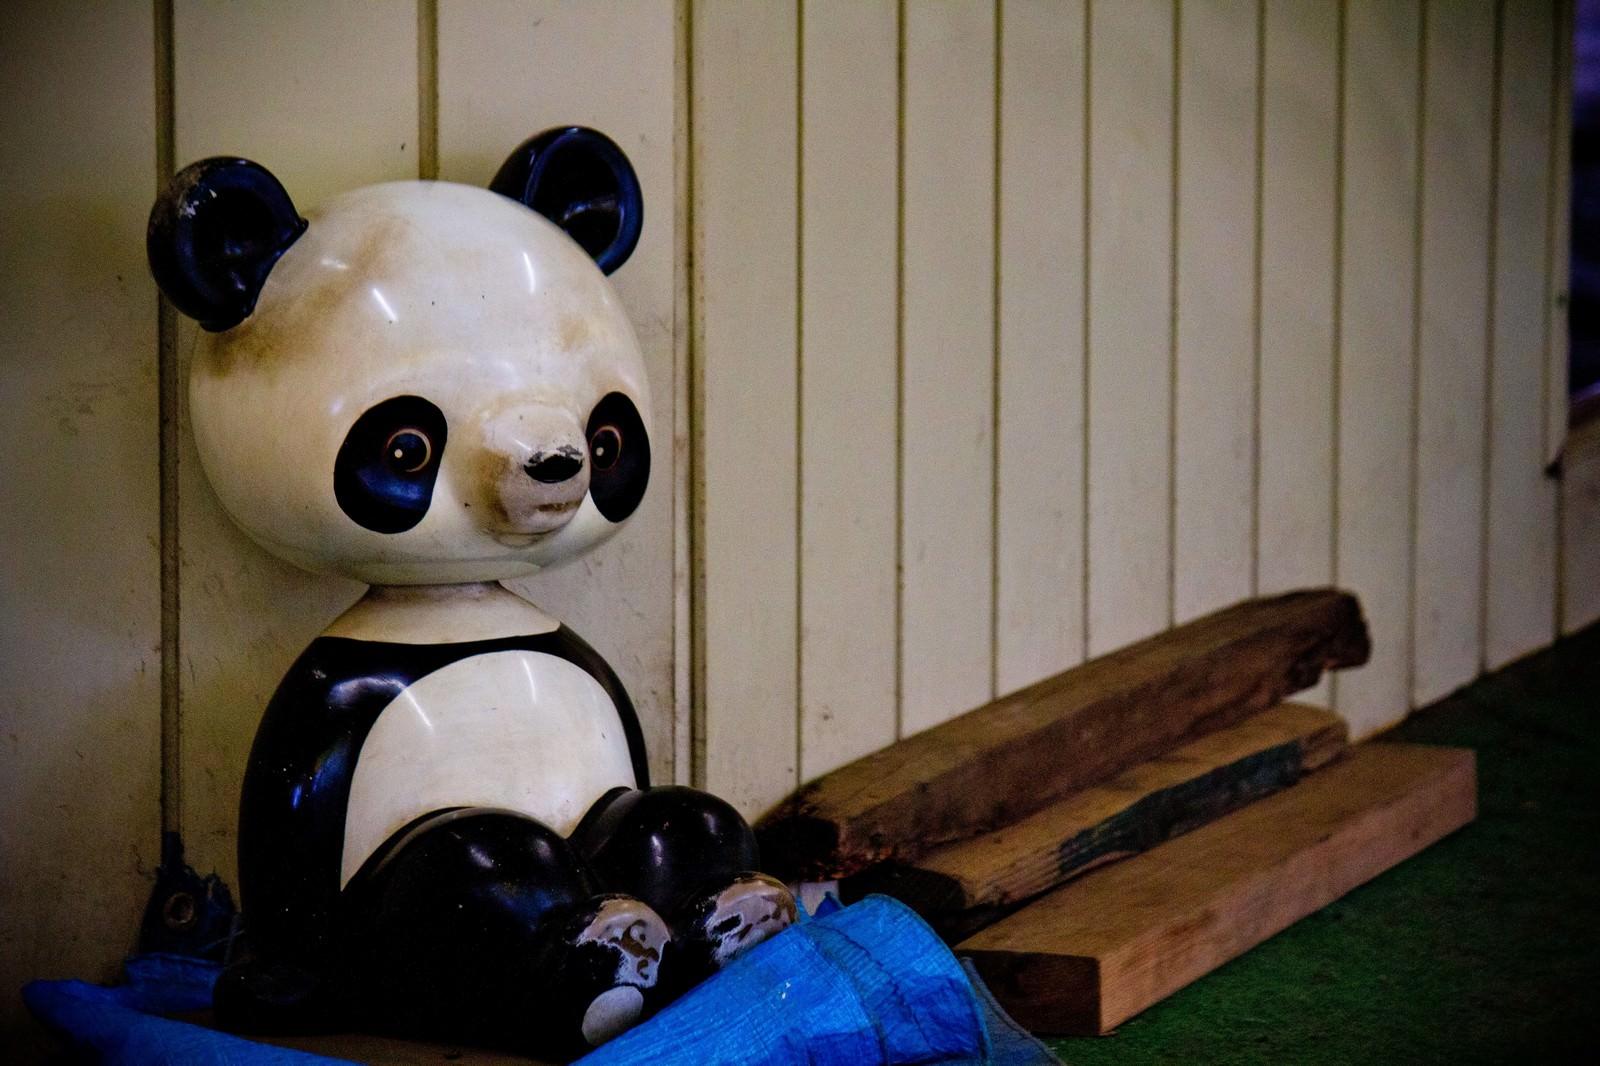 「廃材と虚ろなパンダの遊具 | 写真の無料素材・フリー素材 - ぱくたそ」の写真